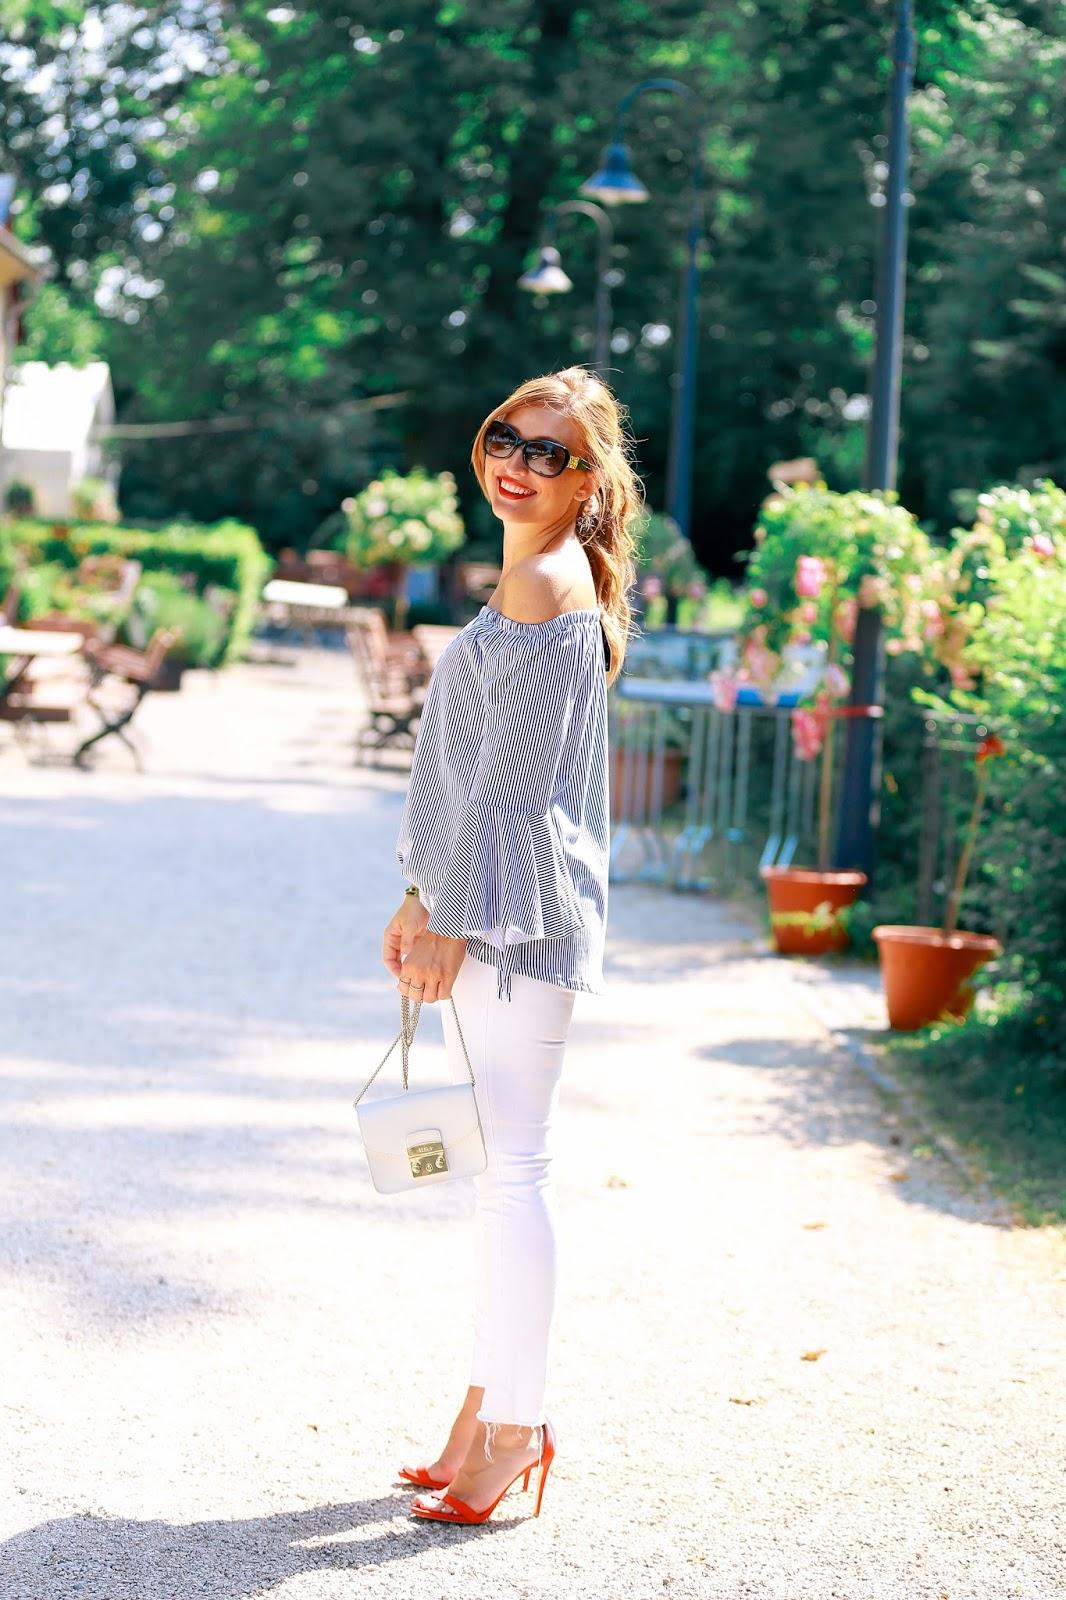 Fashionstylebyjohanna-fashionblogger-aus-deutschland-deutsche-Blogger-